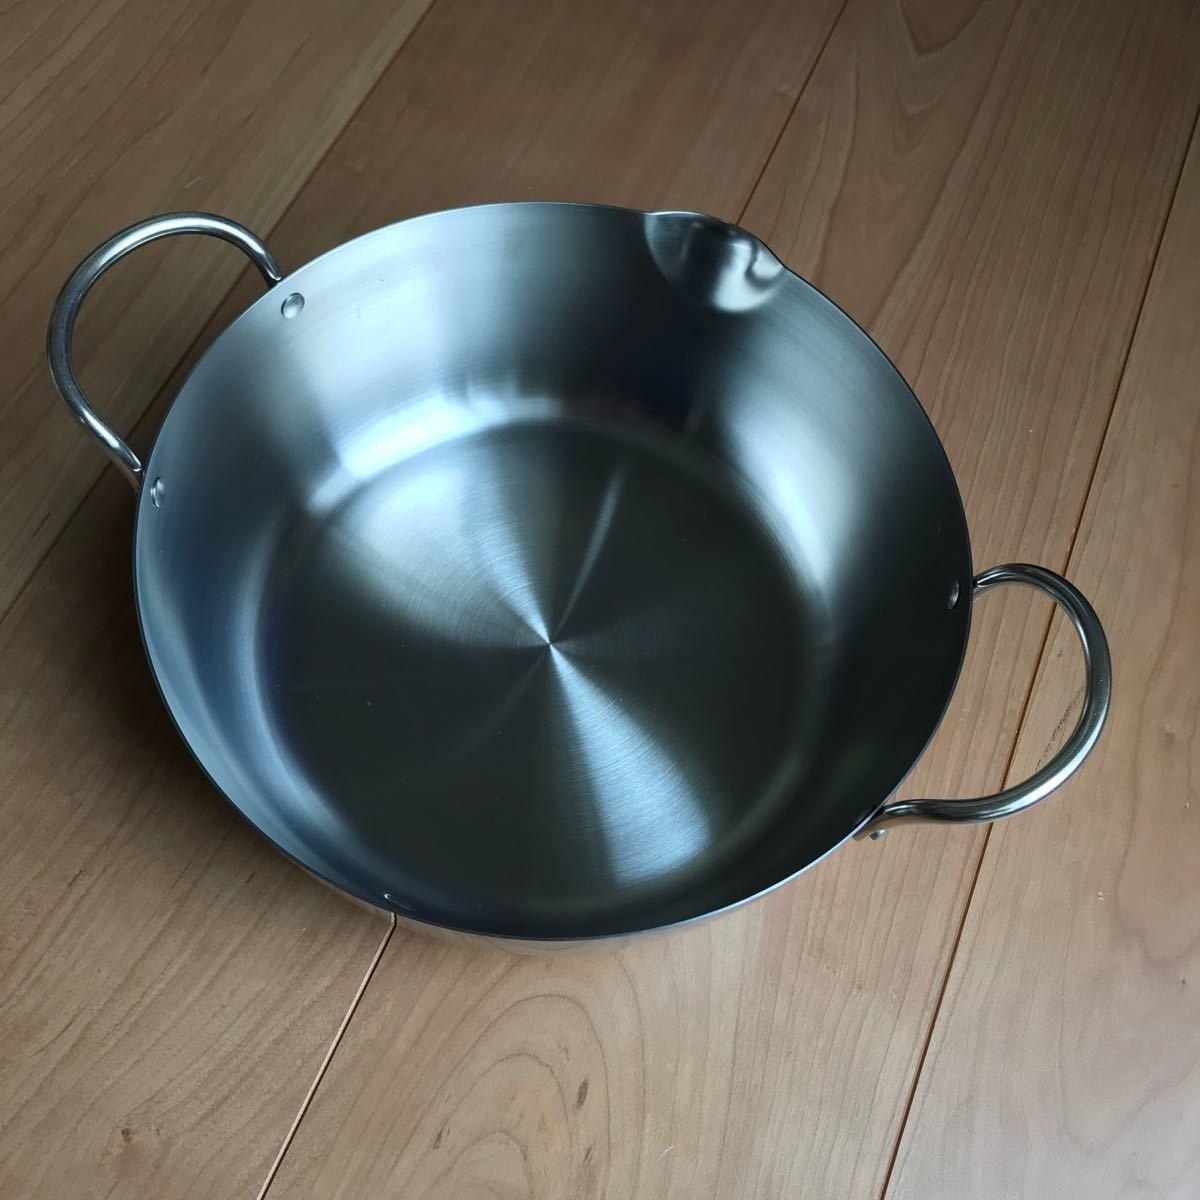 ステンレス鍋 天ぷら鍋 22cm IH対応